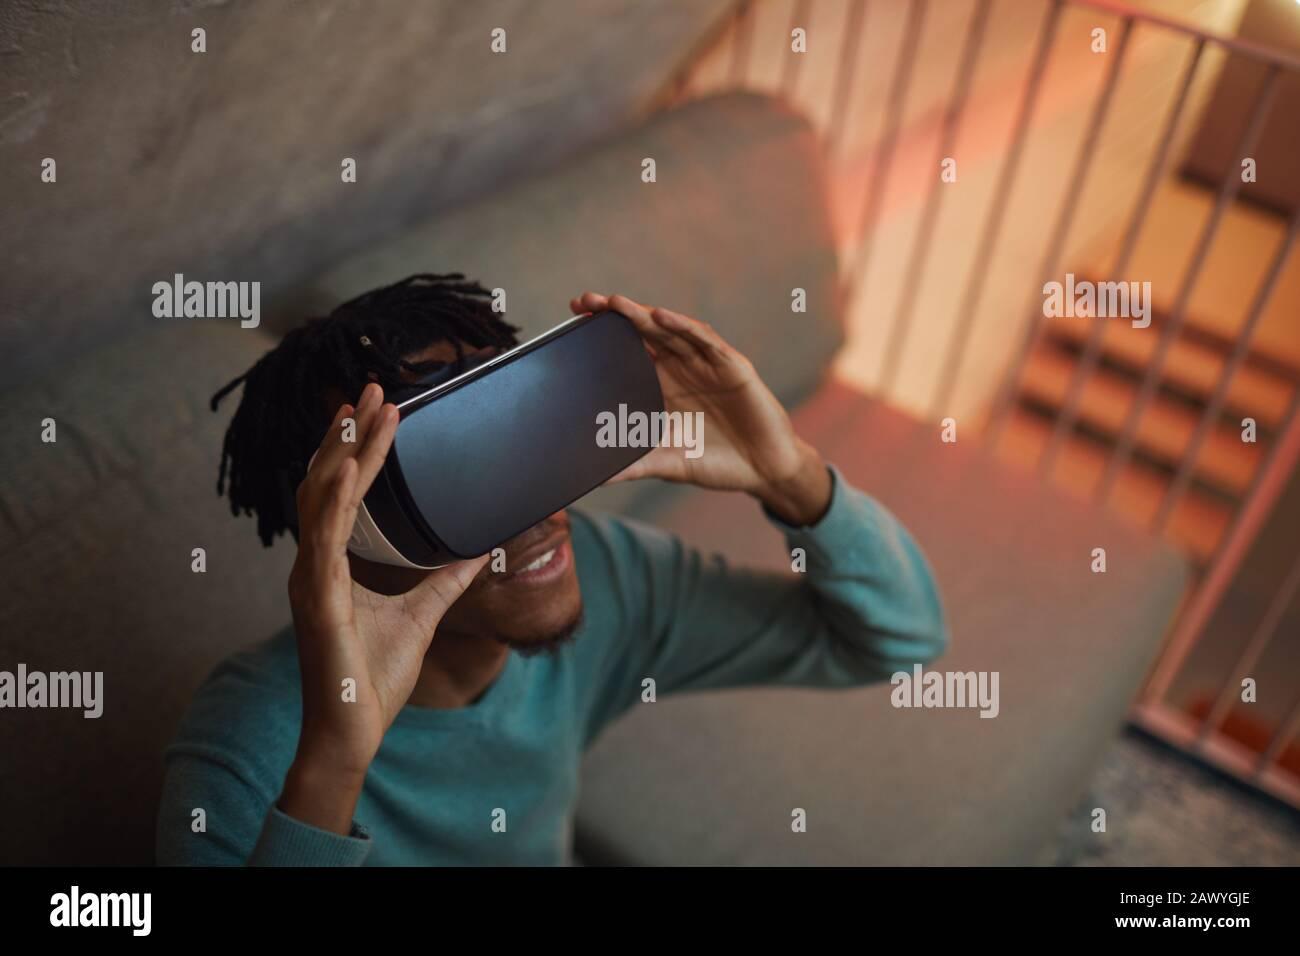 Hochwinkelansicht bei afroamerikanischem Mann, der VR-Ausrüstung trägt und gleichzeitig ein mitreißendes Erlebnis in futuristischem Interieur und Kopierraum genießt Stockfoto